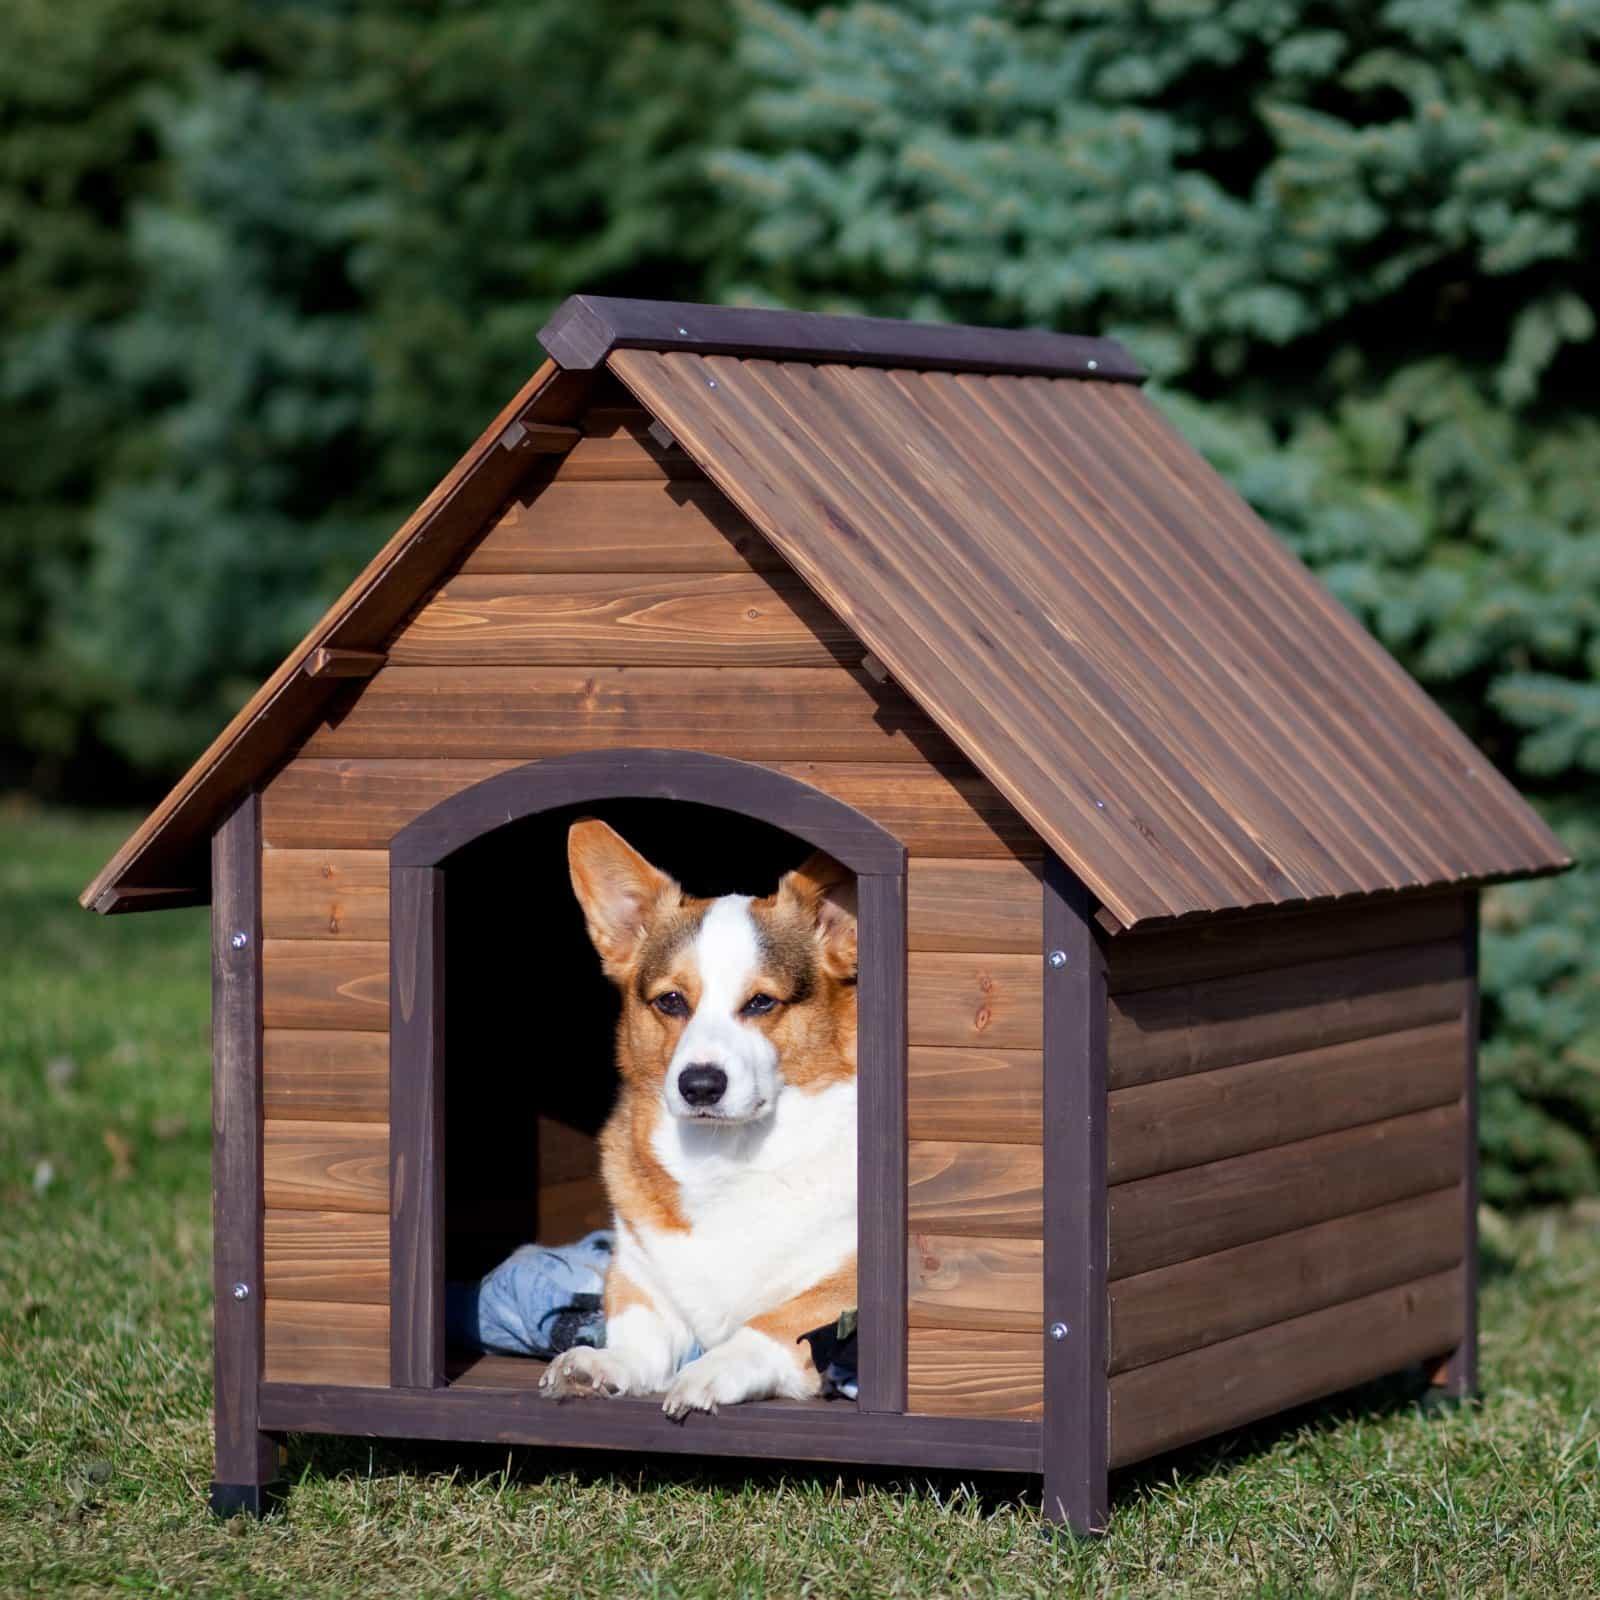 Nên chuẩn bị chỗ ở phù hợp với từng giống chó